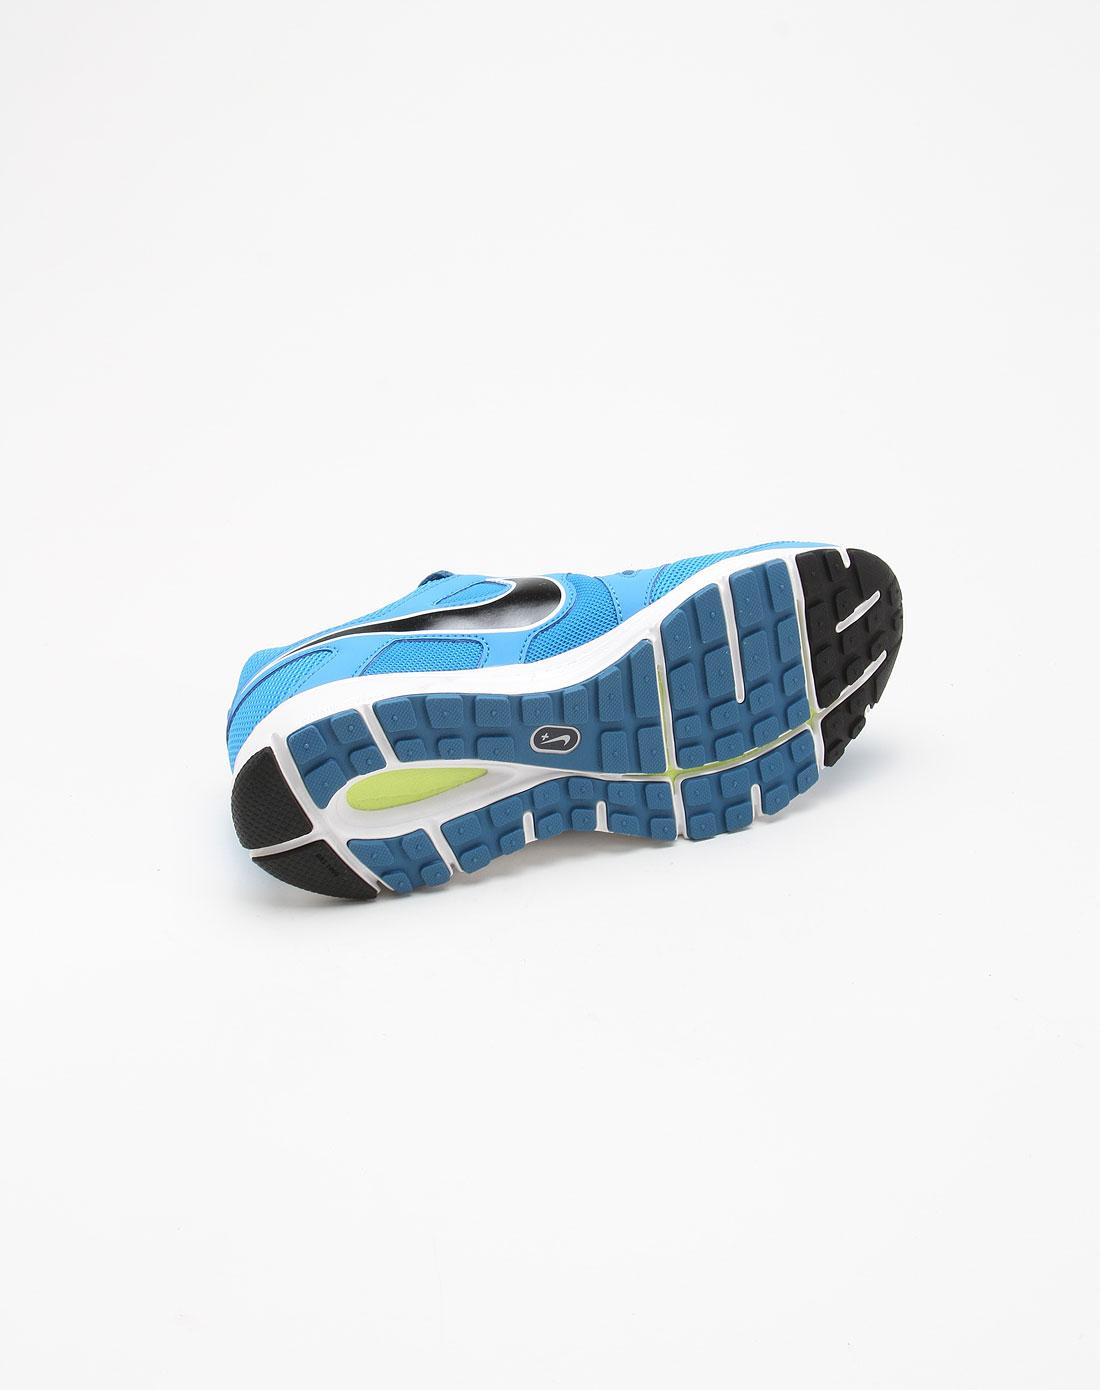 耐克nike-蓝色动感网面运动鞋487751-404